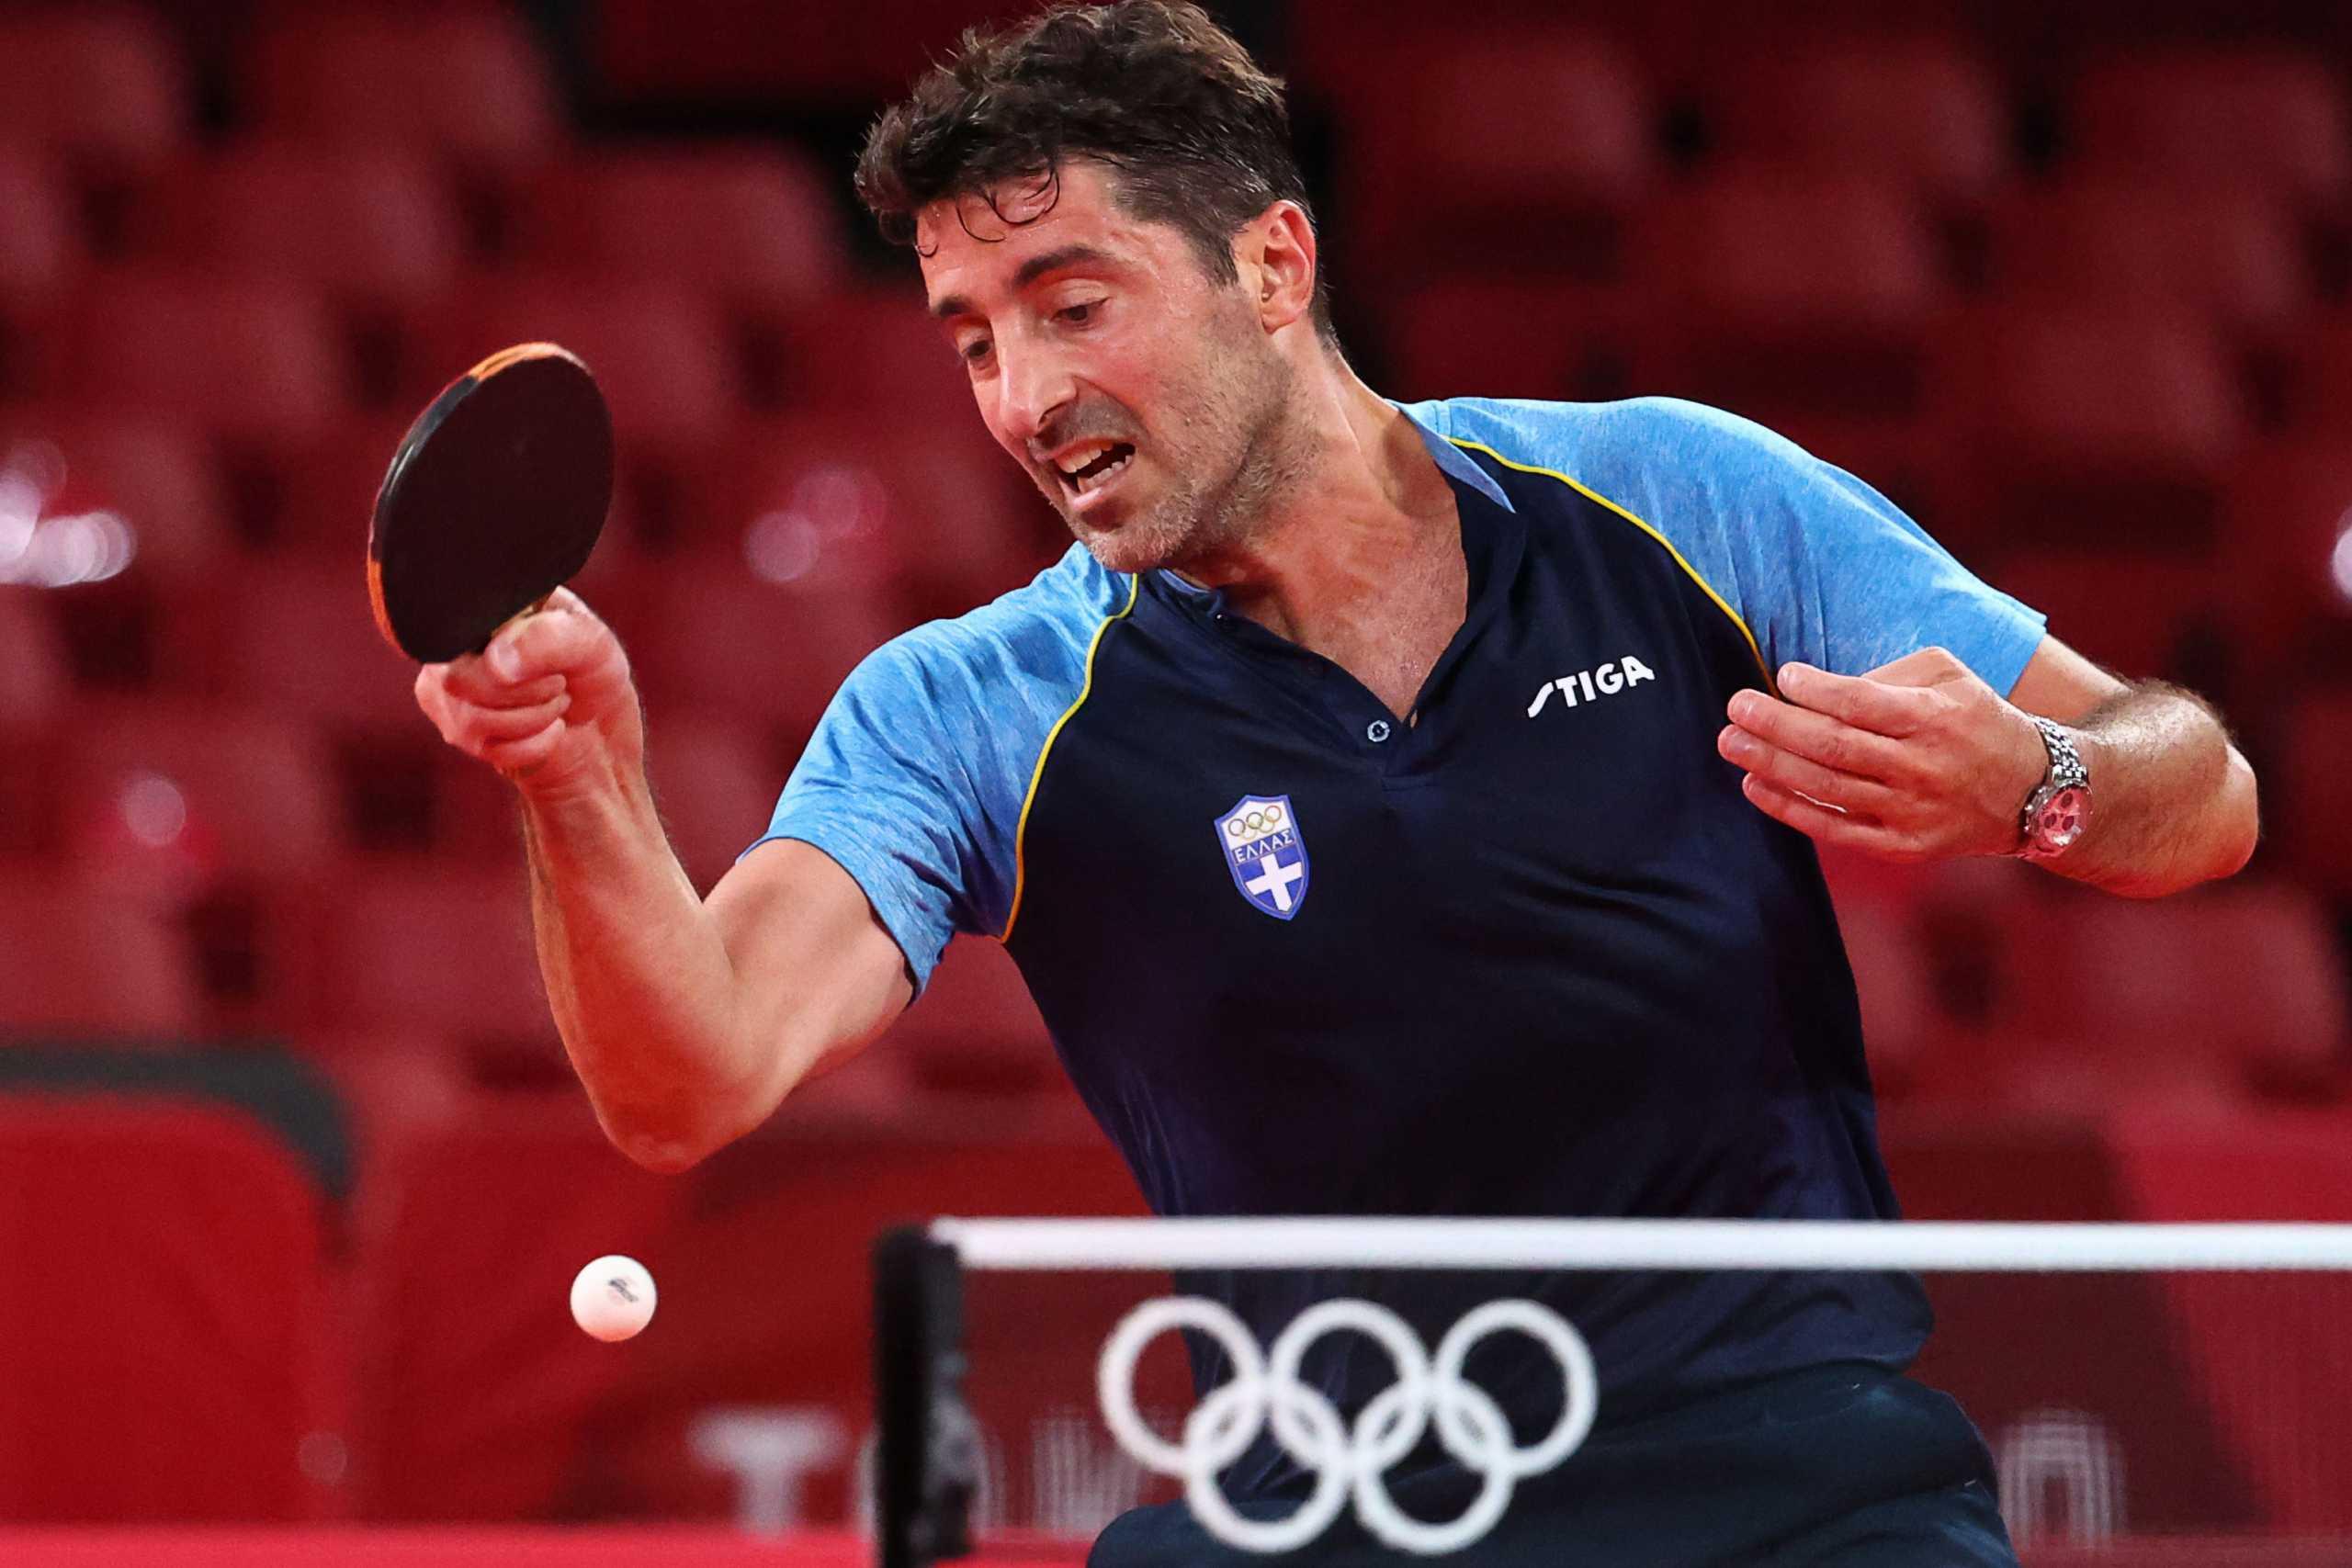 Ολυμπιακοί Αγώνες: Ο Παναγιώτης Γκιώνης διέλυσε τον Πέτο και προκρίθηκε στον δεύτερο γύρο